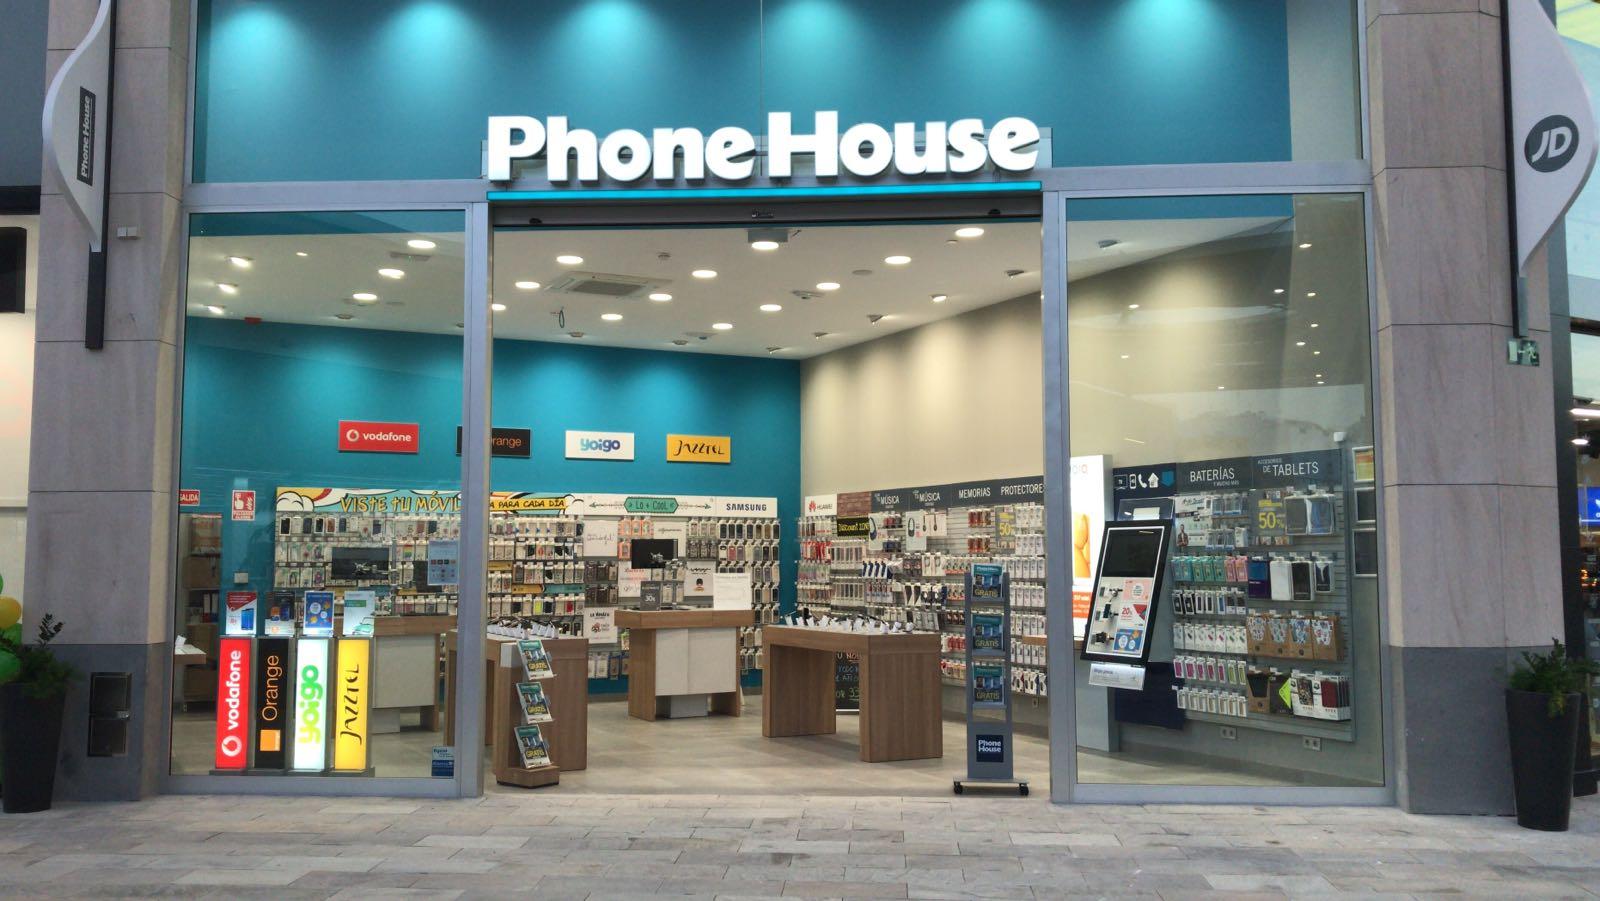 Nueva Tienda Phone House Demo Store En El Centro Comercial Alisios De Las  Palmas De Gran Canaria